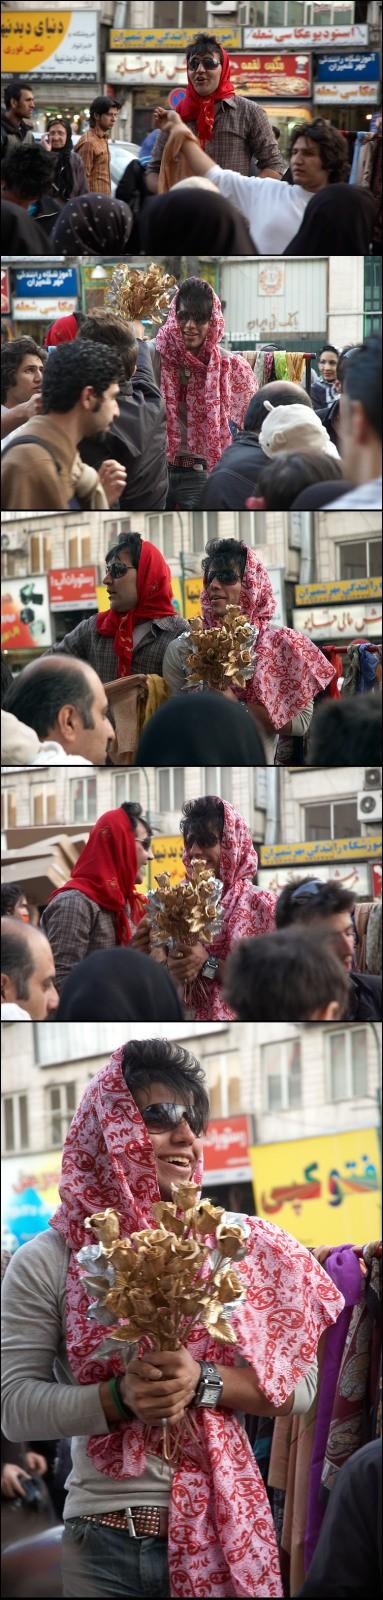 Forooshandehaye roosari dar khiabanhaye Tehran Vzabk910